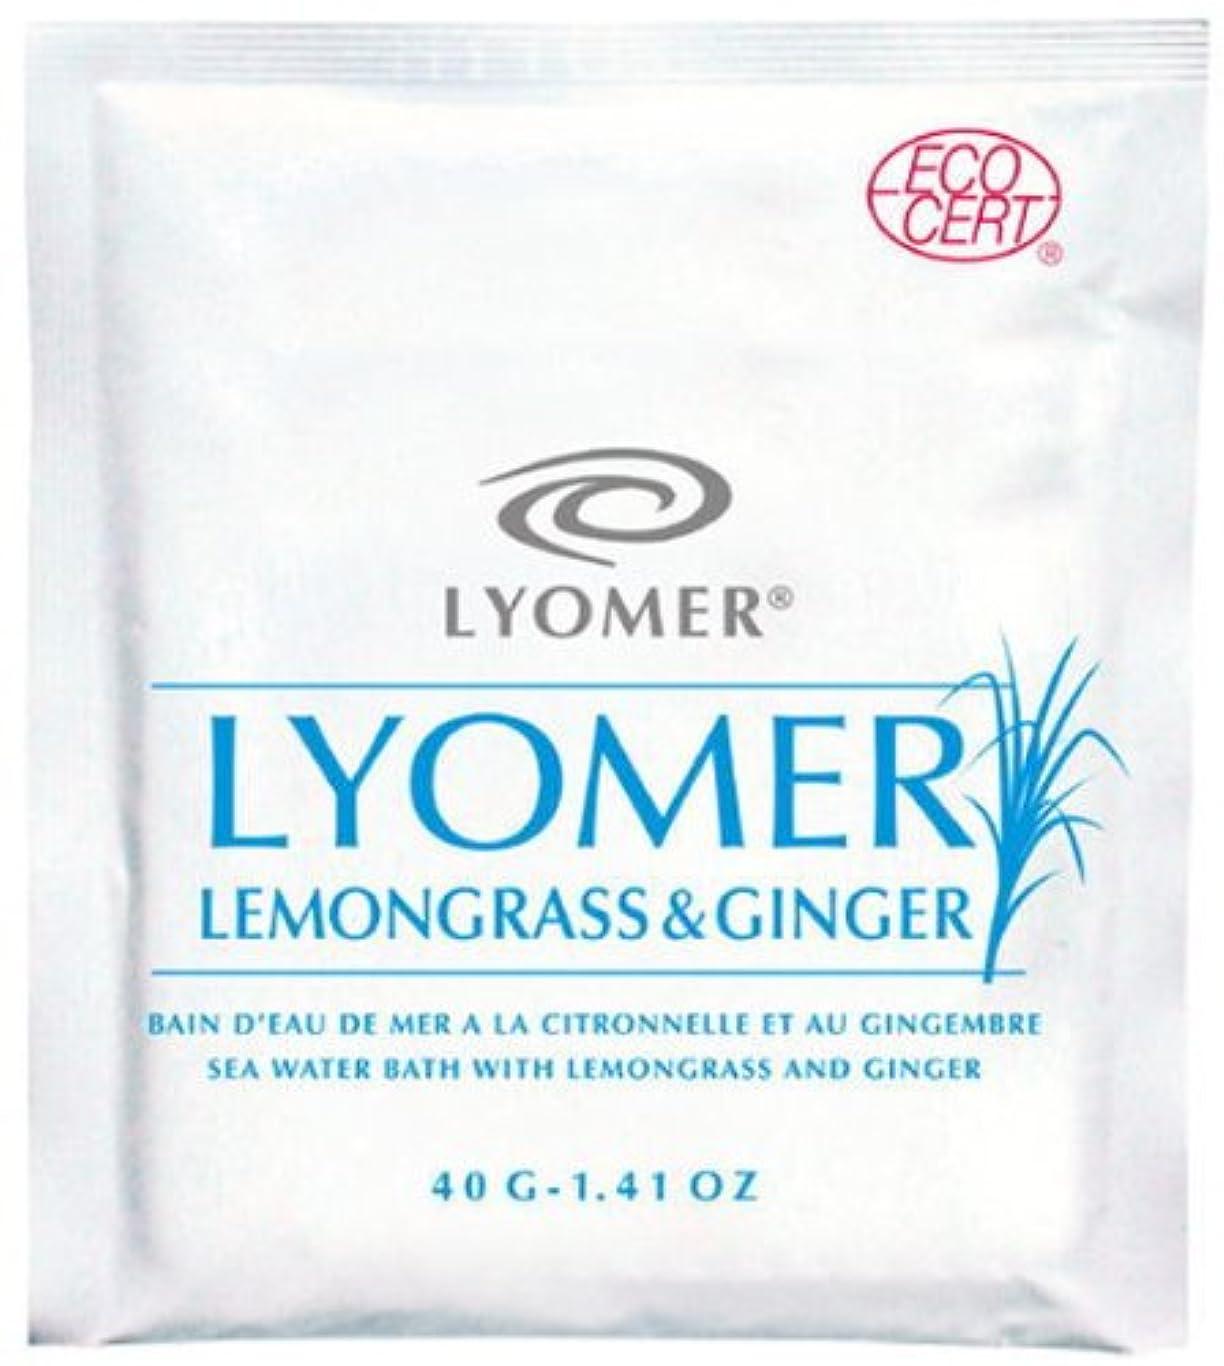 カップルロバ拍手するリヨメール レモングラス&ジンジャー 40g